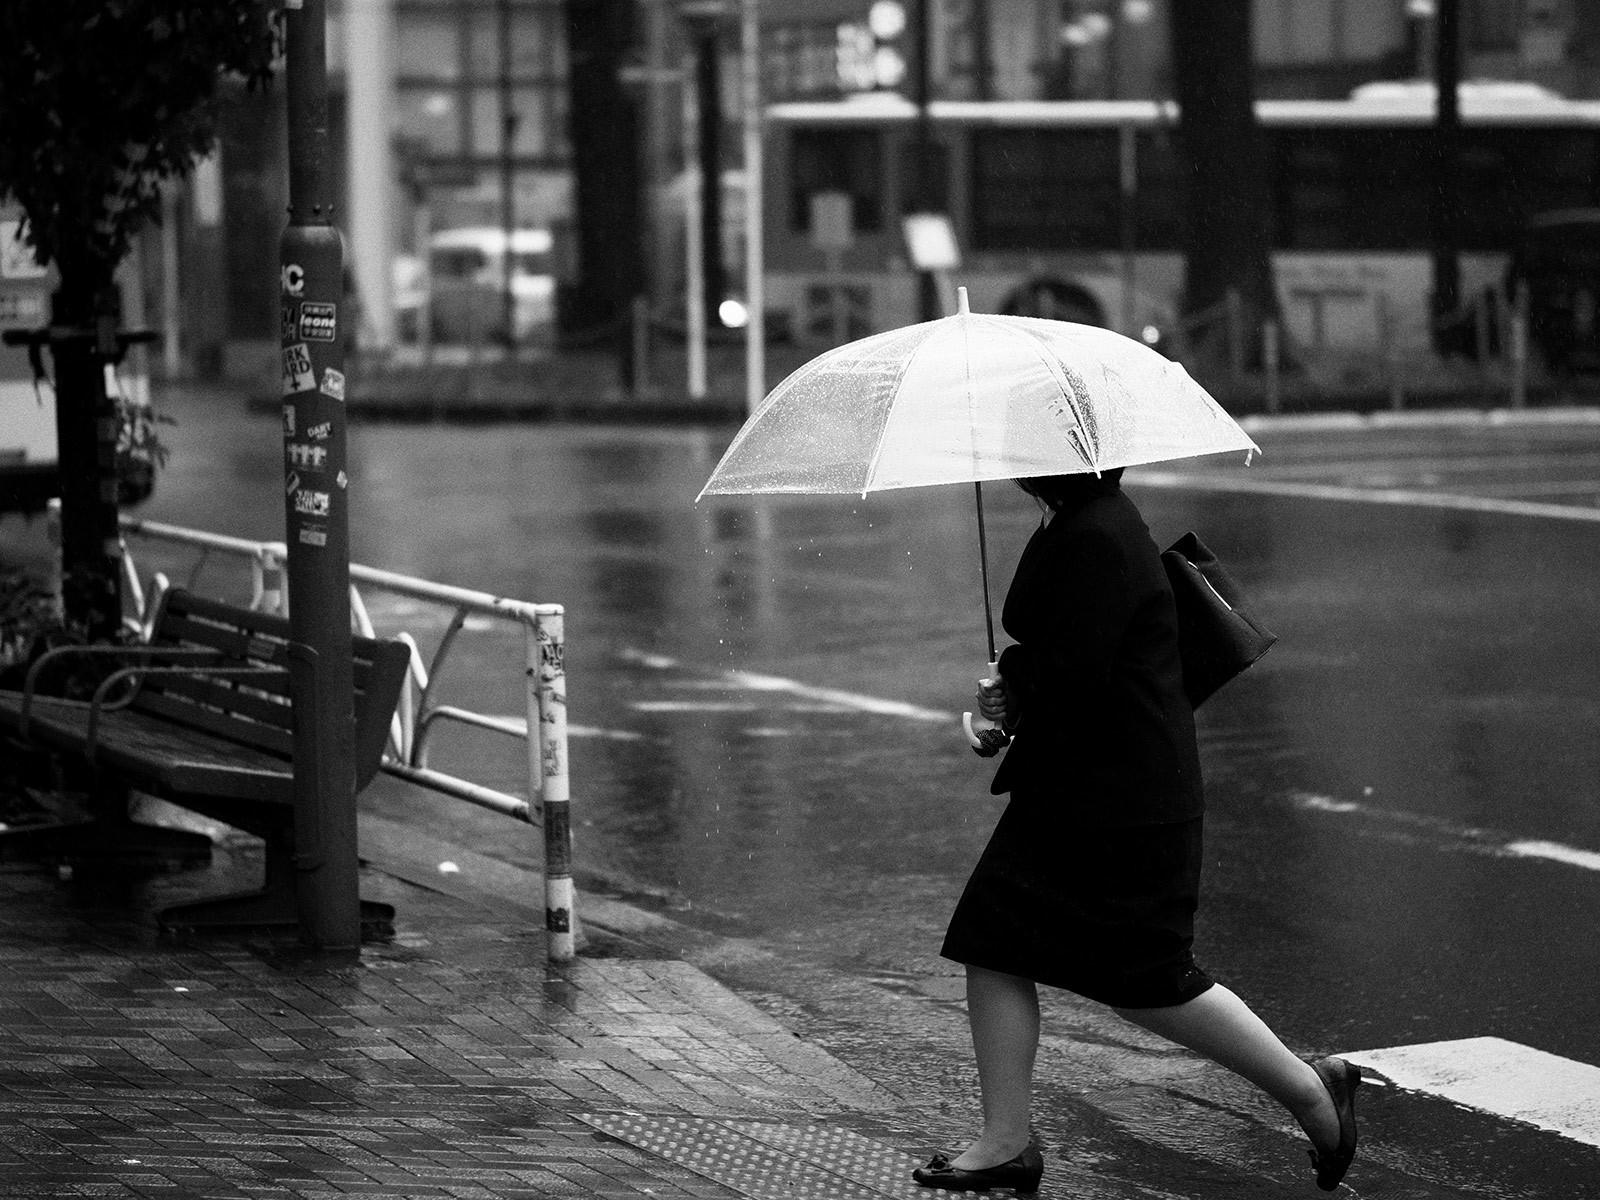 雨の日_f0121181_04542910.jpg